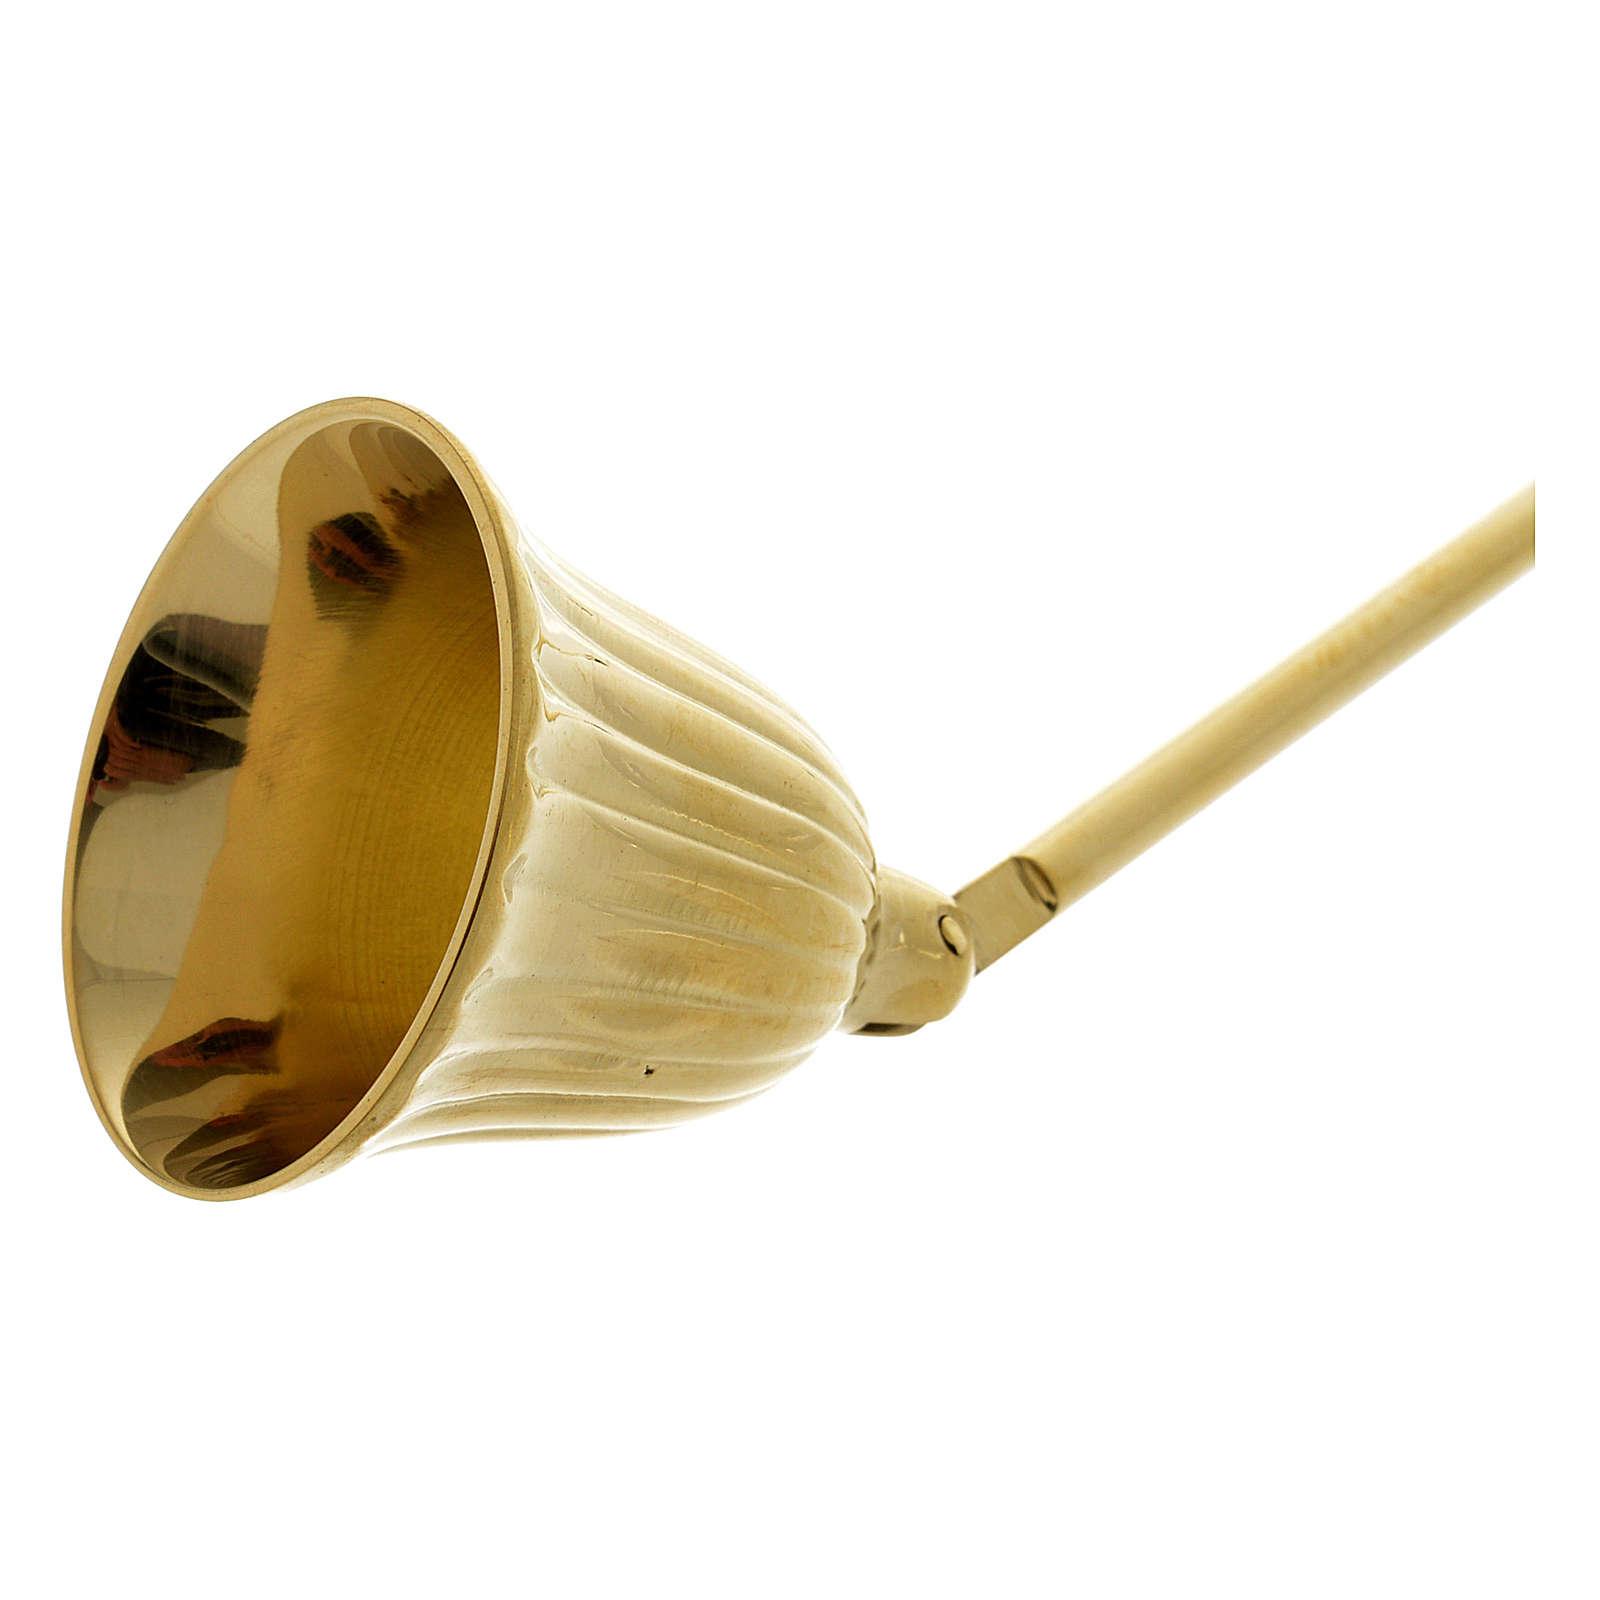 Éteint-bougie avec manche en bois laiton doré 3